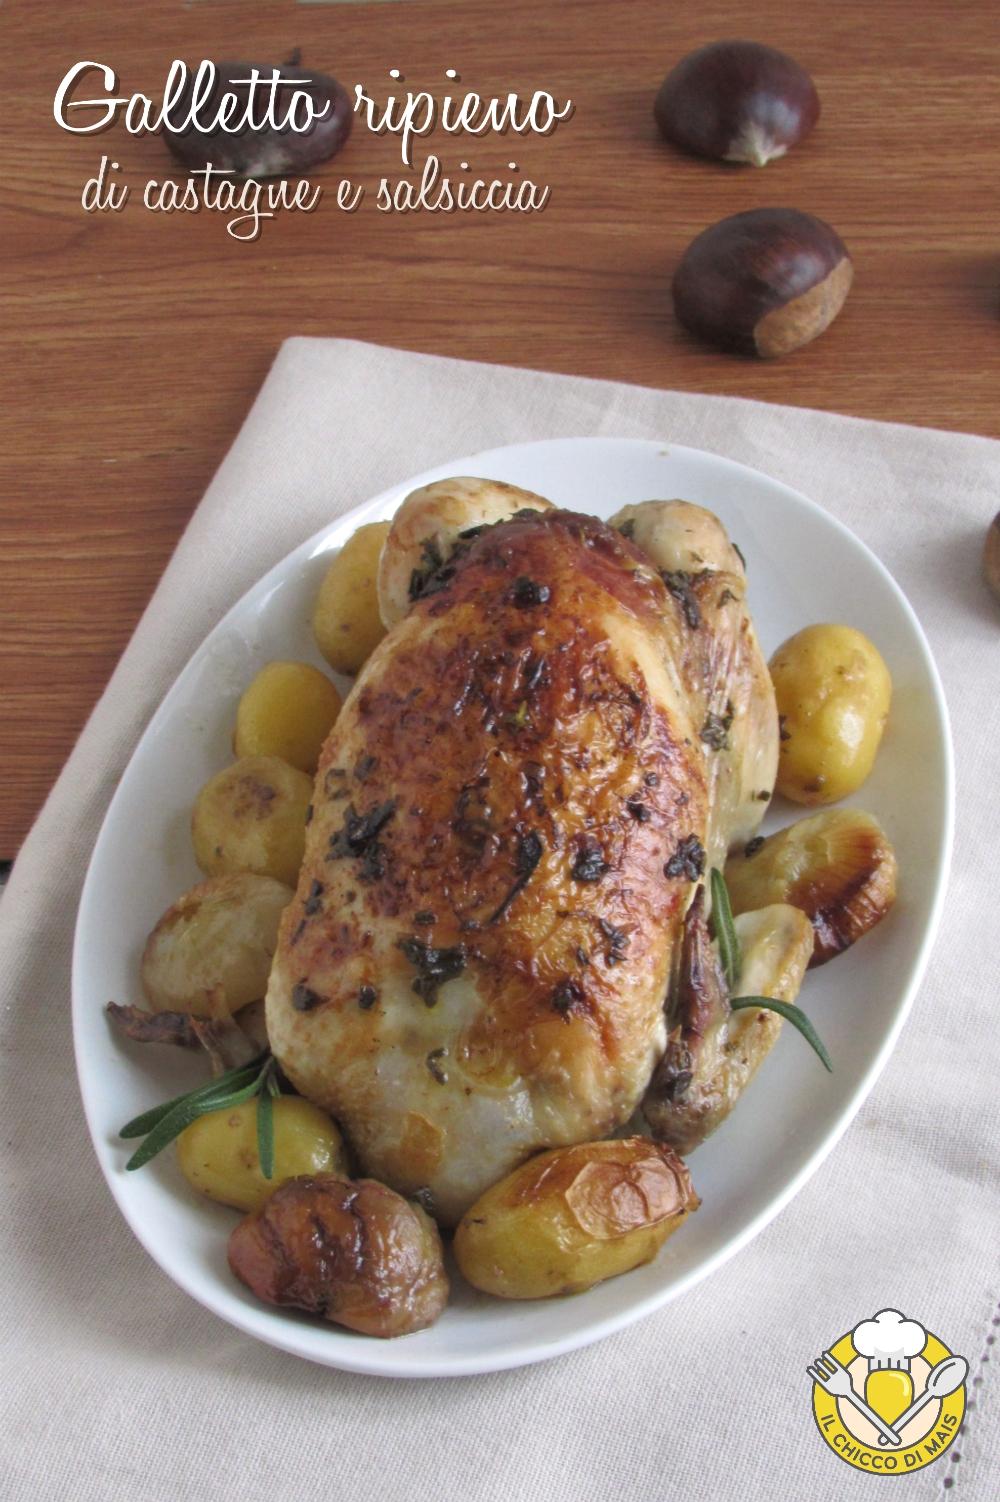 V_ Galletto ripieno di castagne e salsiccia ricetta pollo ripieno dorato morbido il chicco di mais